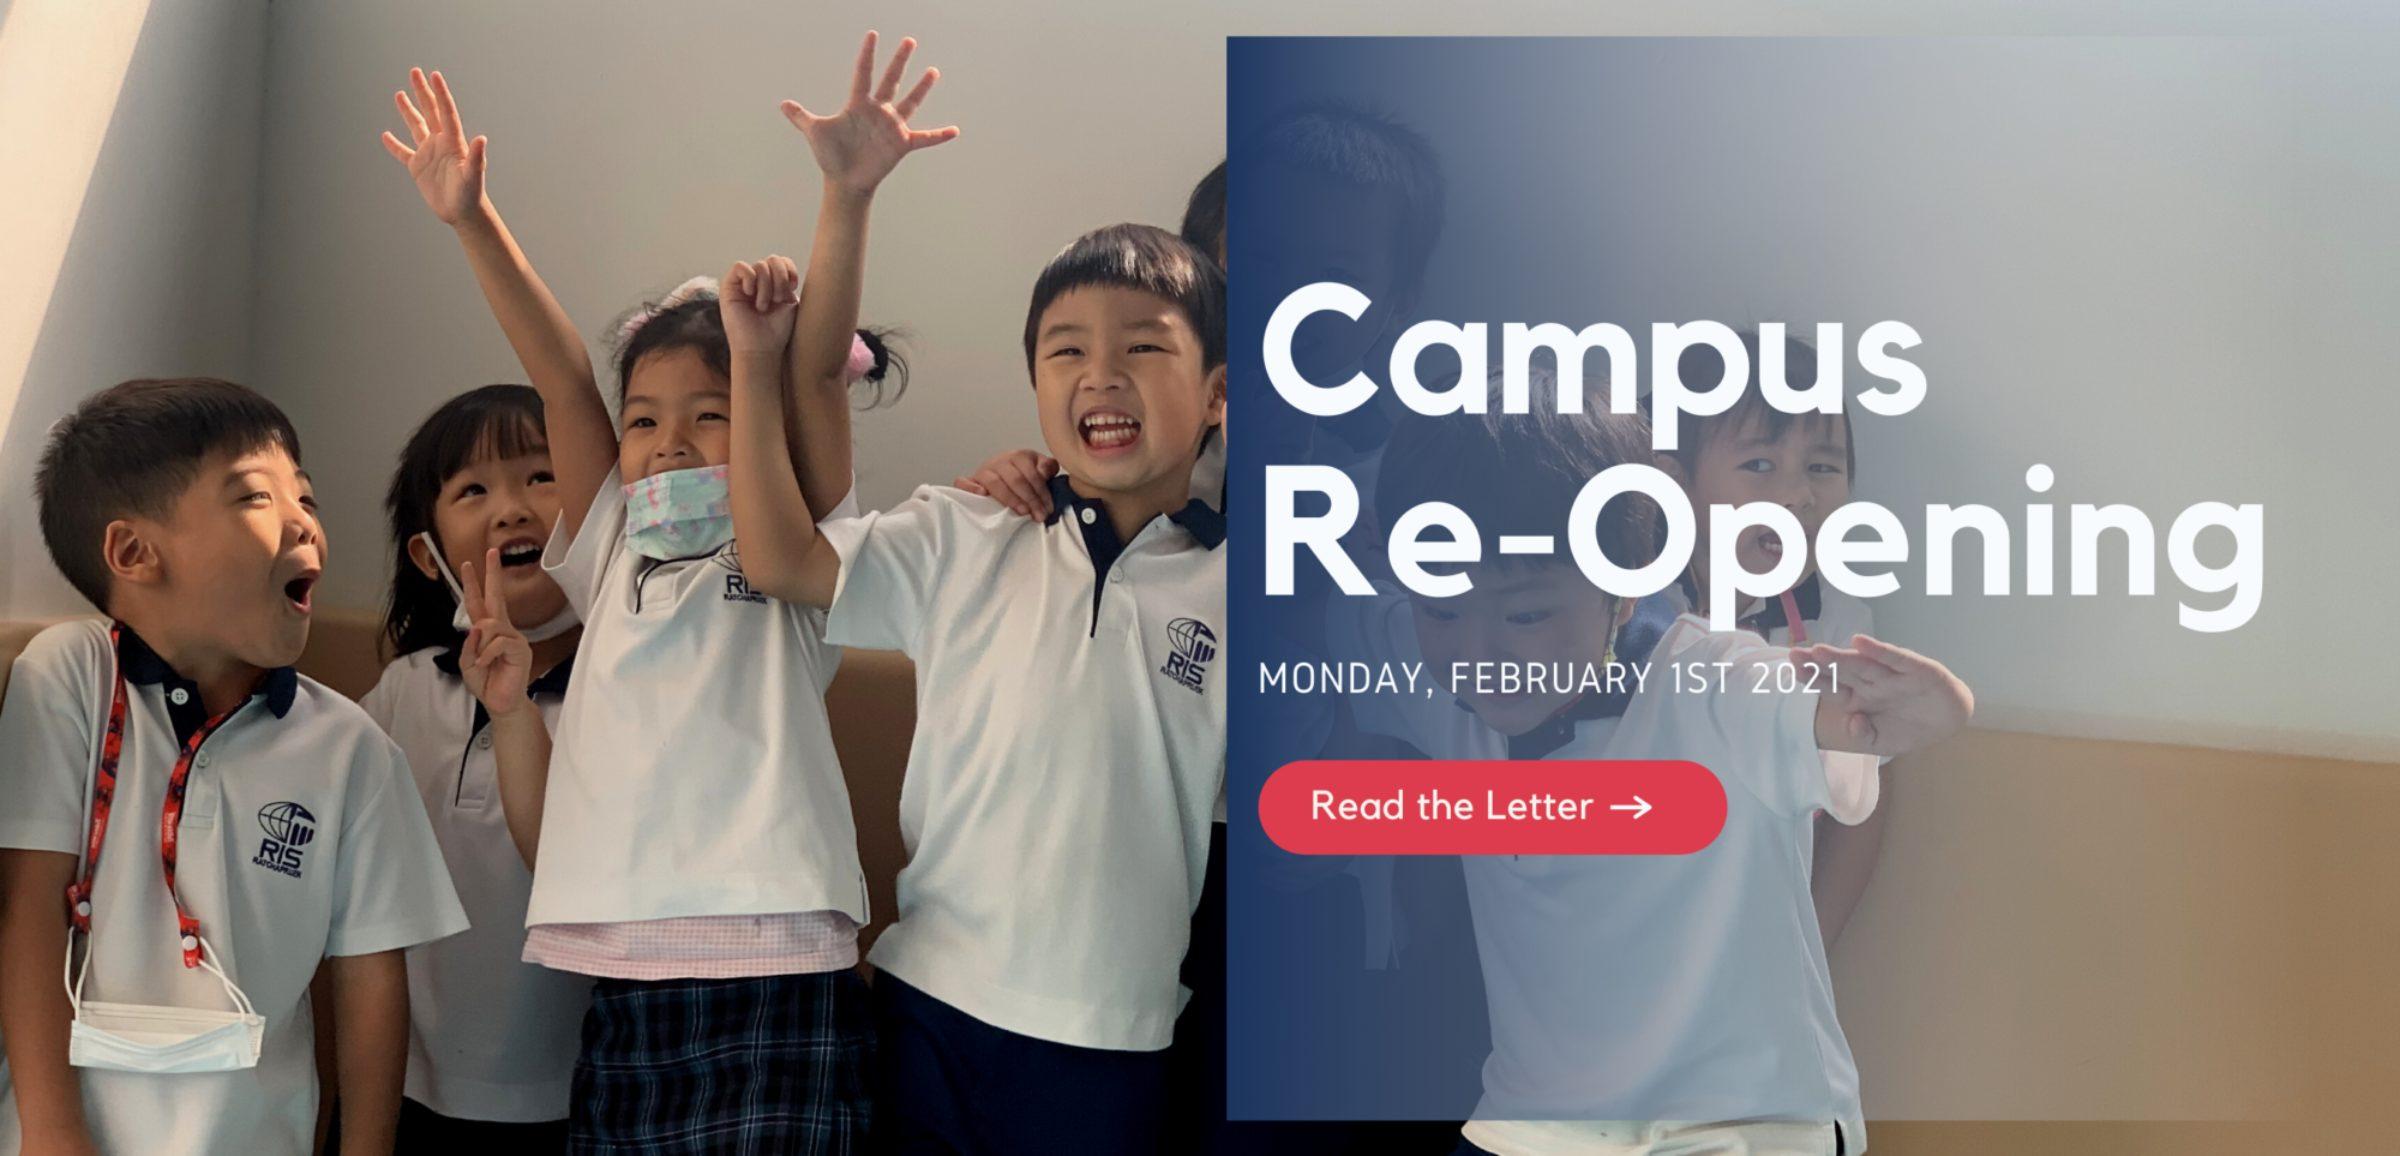 School Re-opens on Feb 1st